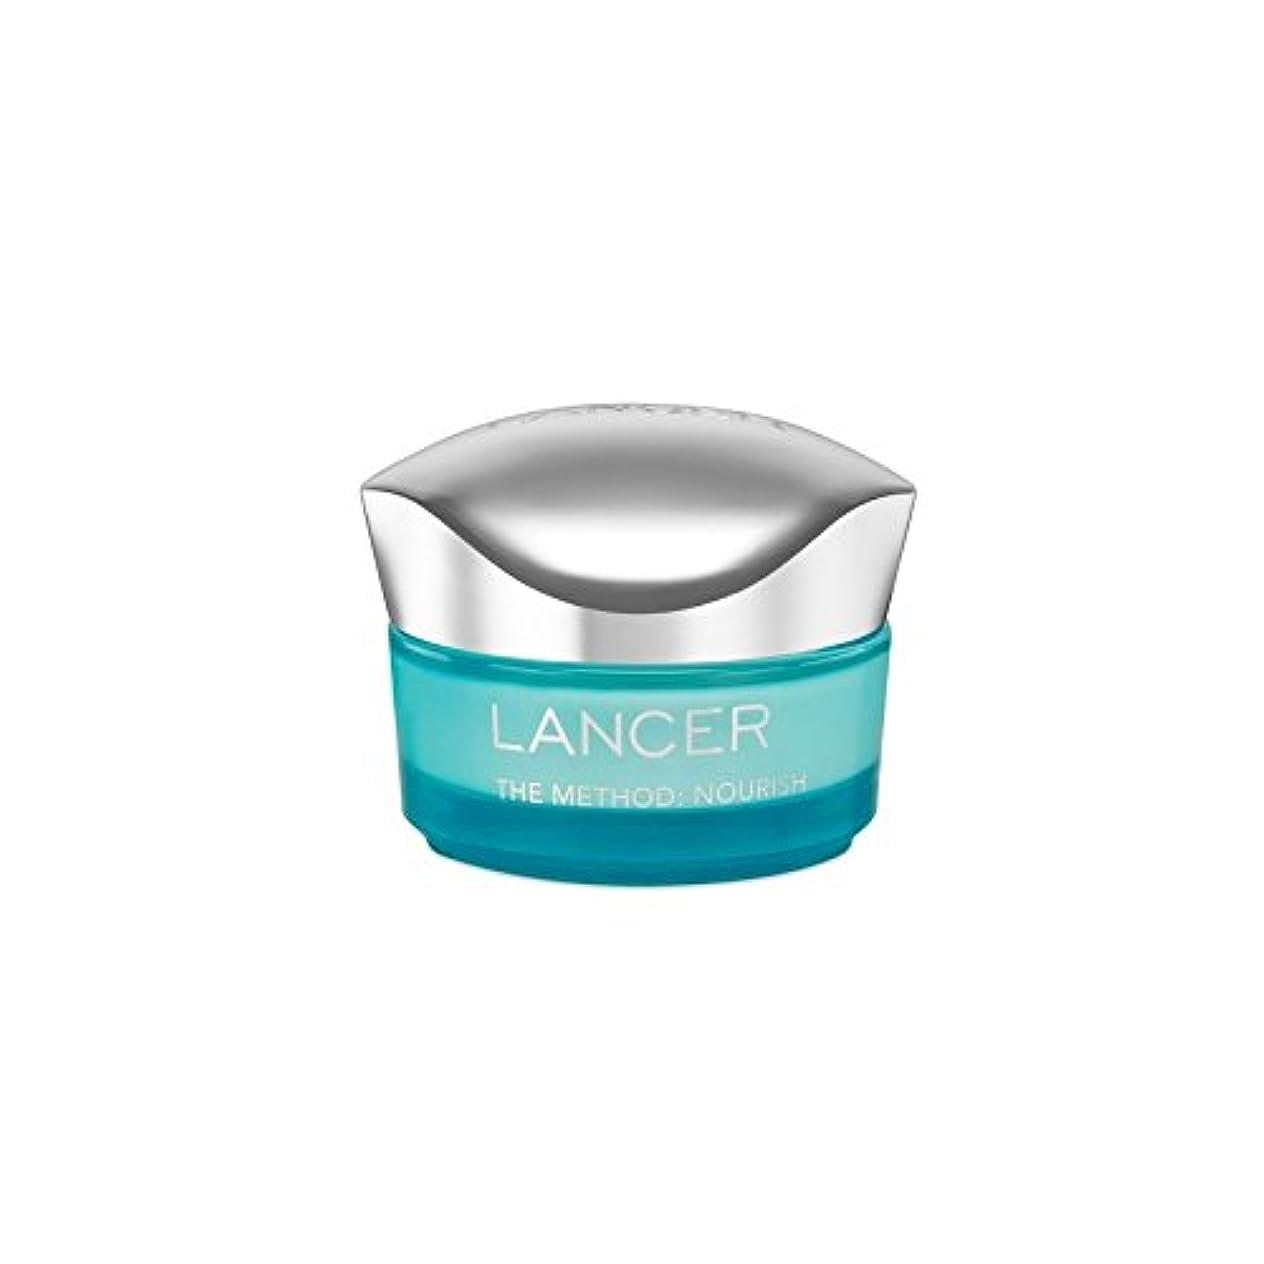 責任者ホイスト孤独Lancer Skincare The Method: Nourish Moisturiser (50ml) (Pack of 6) - ランサーは、この方法をスキンケア:モイスチャライザー(50)に栄養を与えます x6 [並行輸入品]